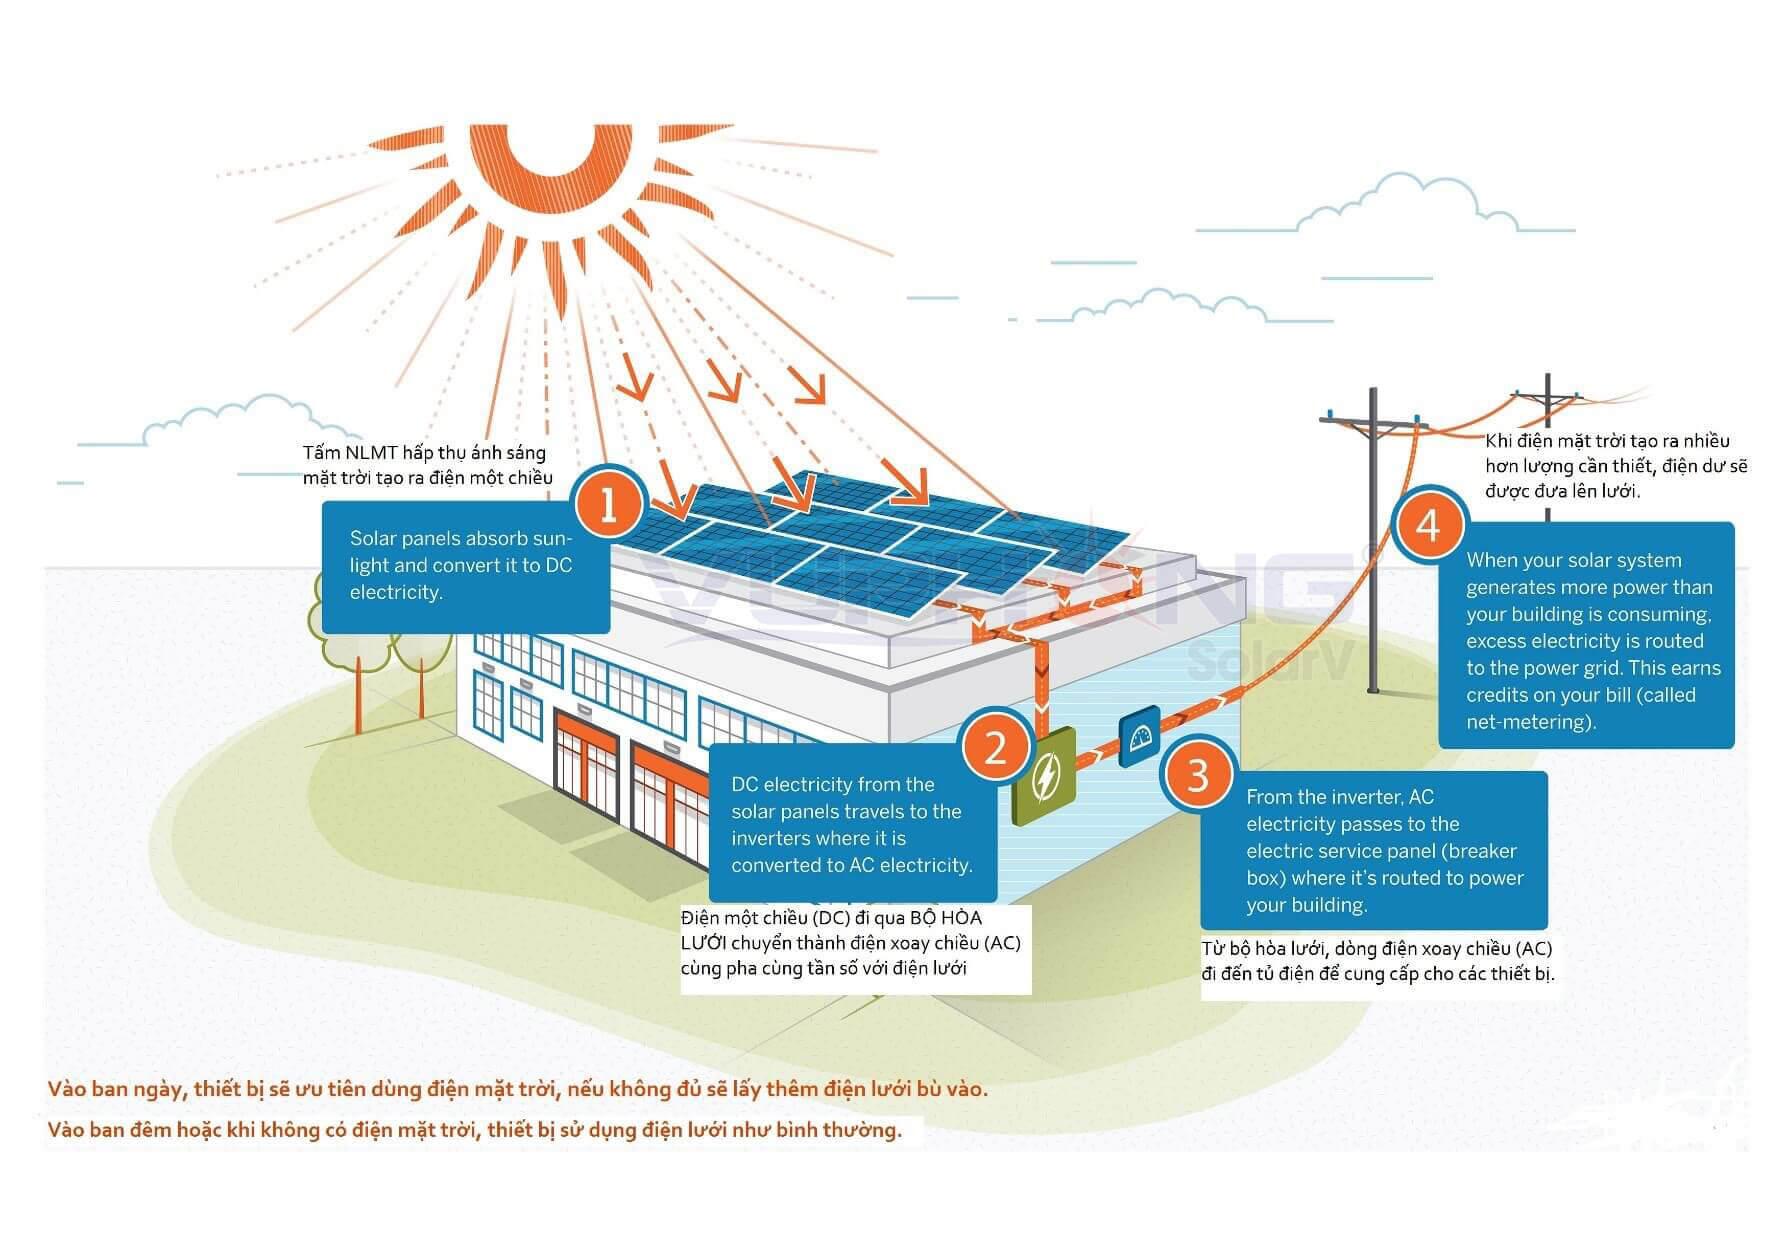 Nguyên lý hoạt động của điện năng lượng mặt trời hoà lưới